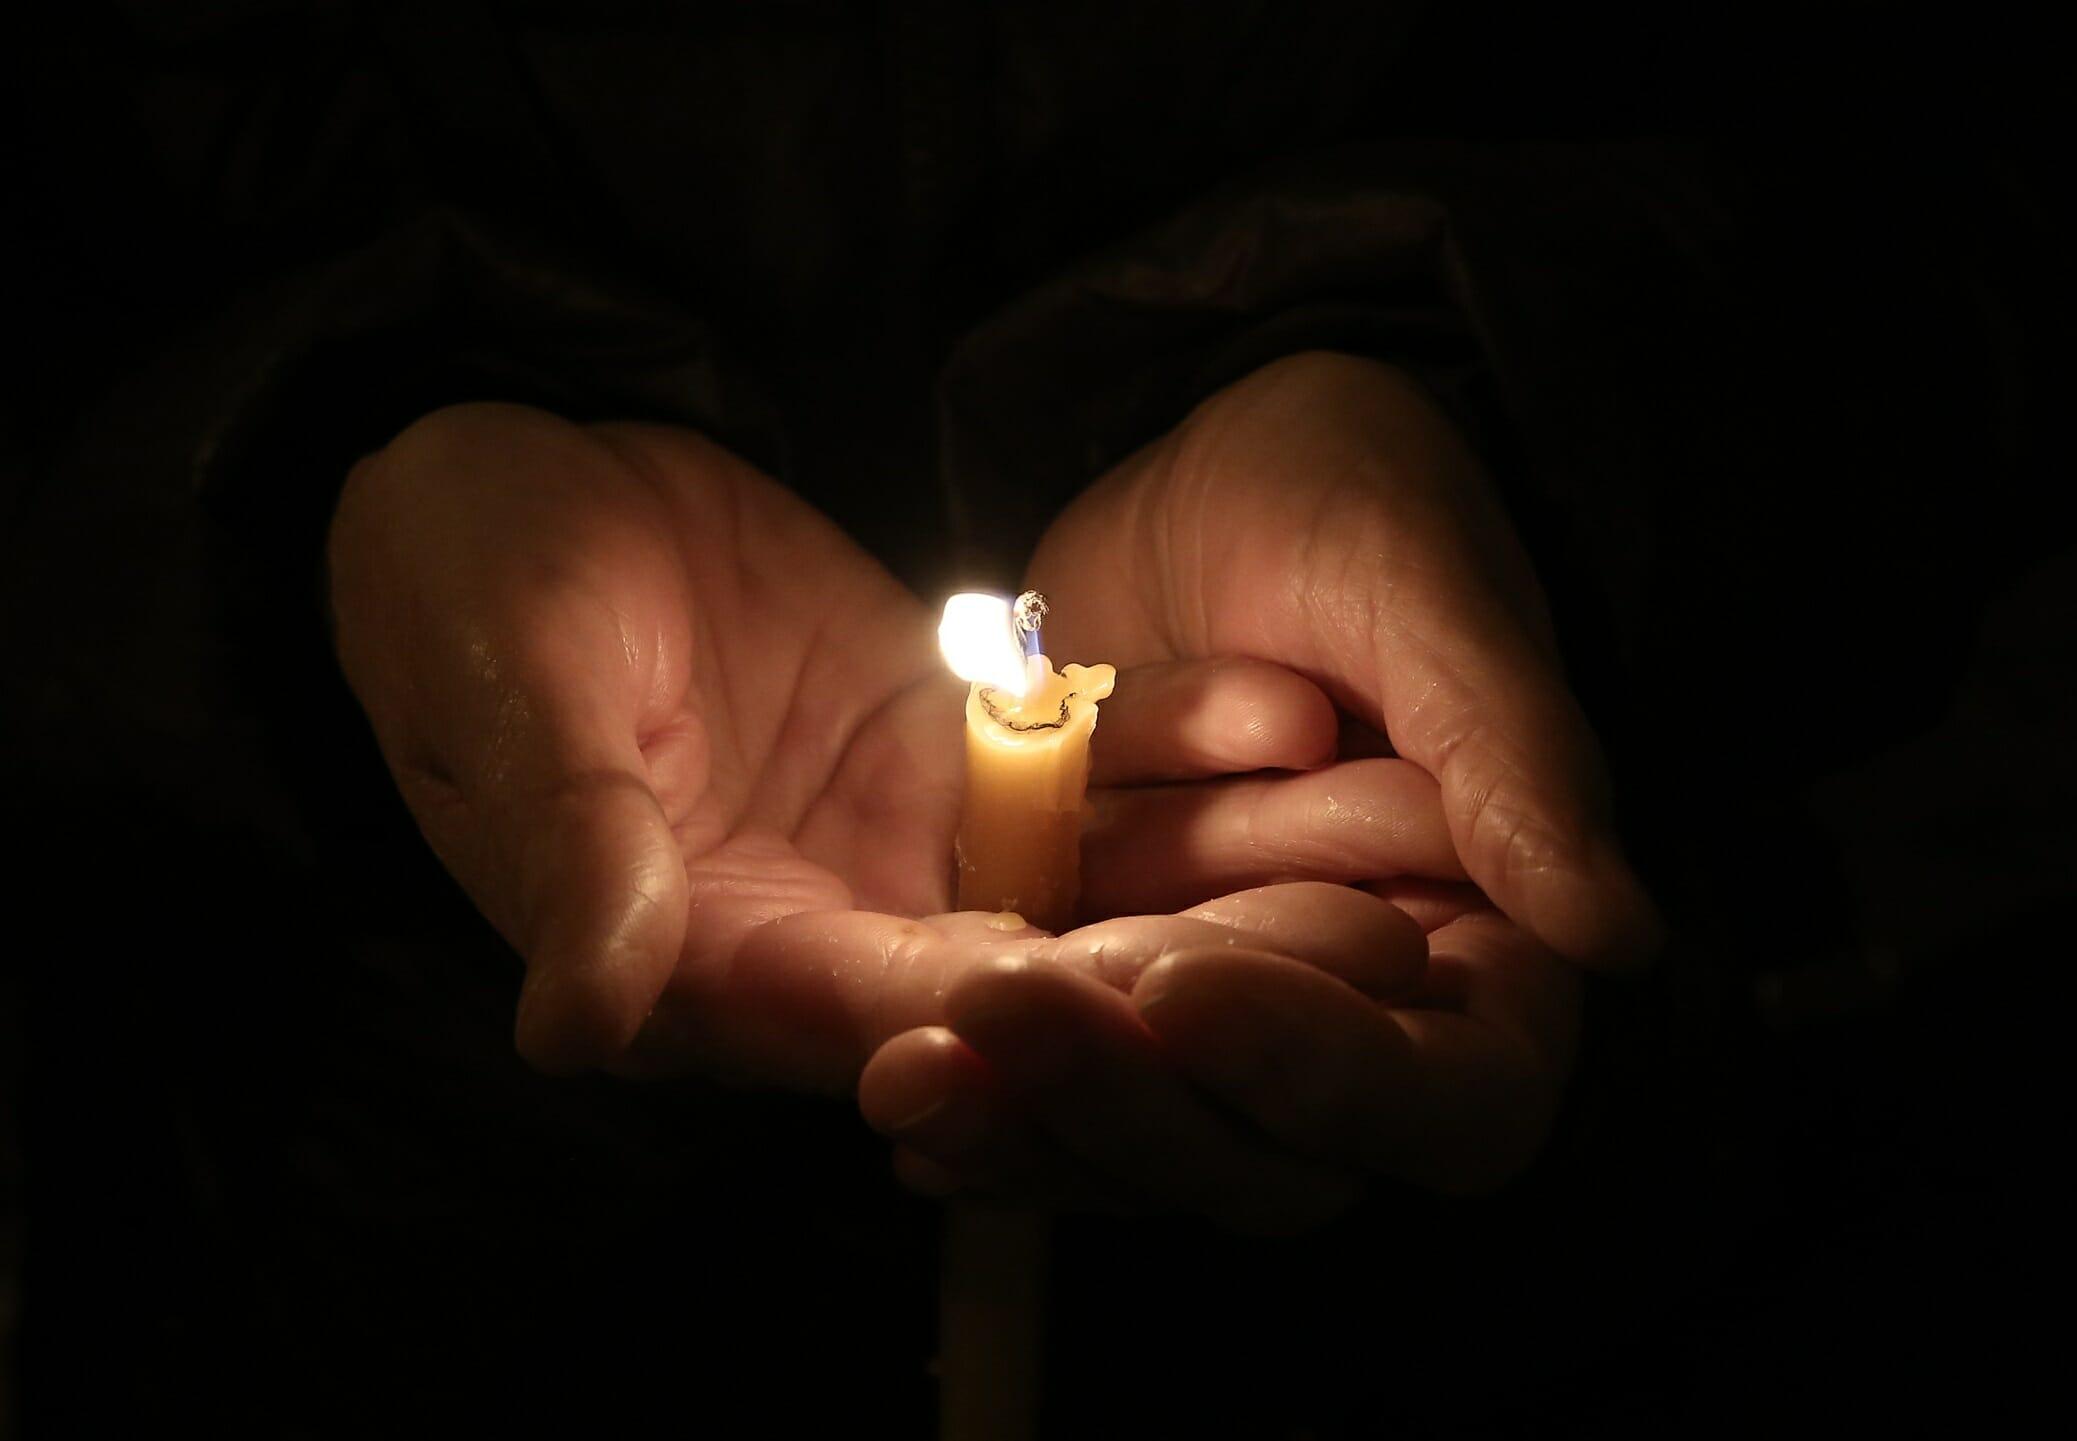 Φθιώτιδα: Μαζί στη ζωή, μαζί και στο θάνατο – Τους πήρε ο «Χάρος» κορονοϊός